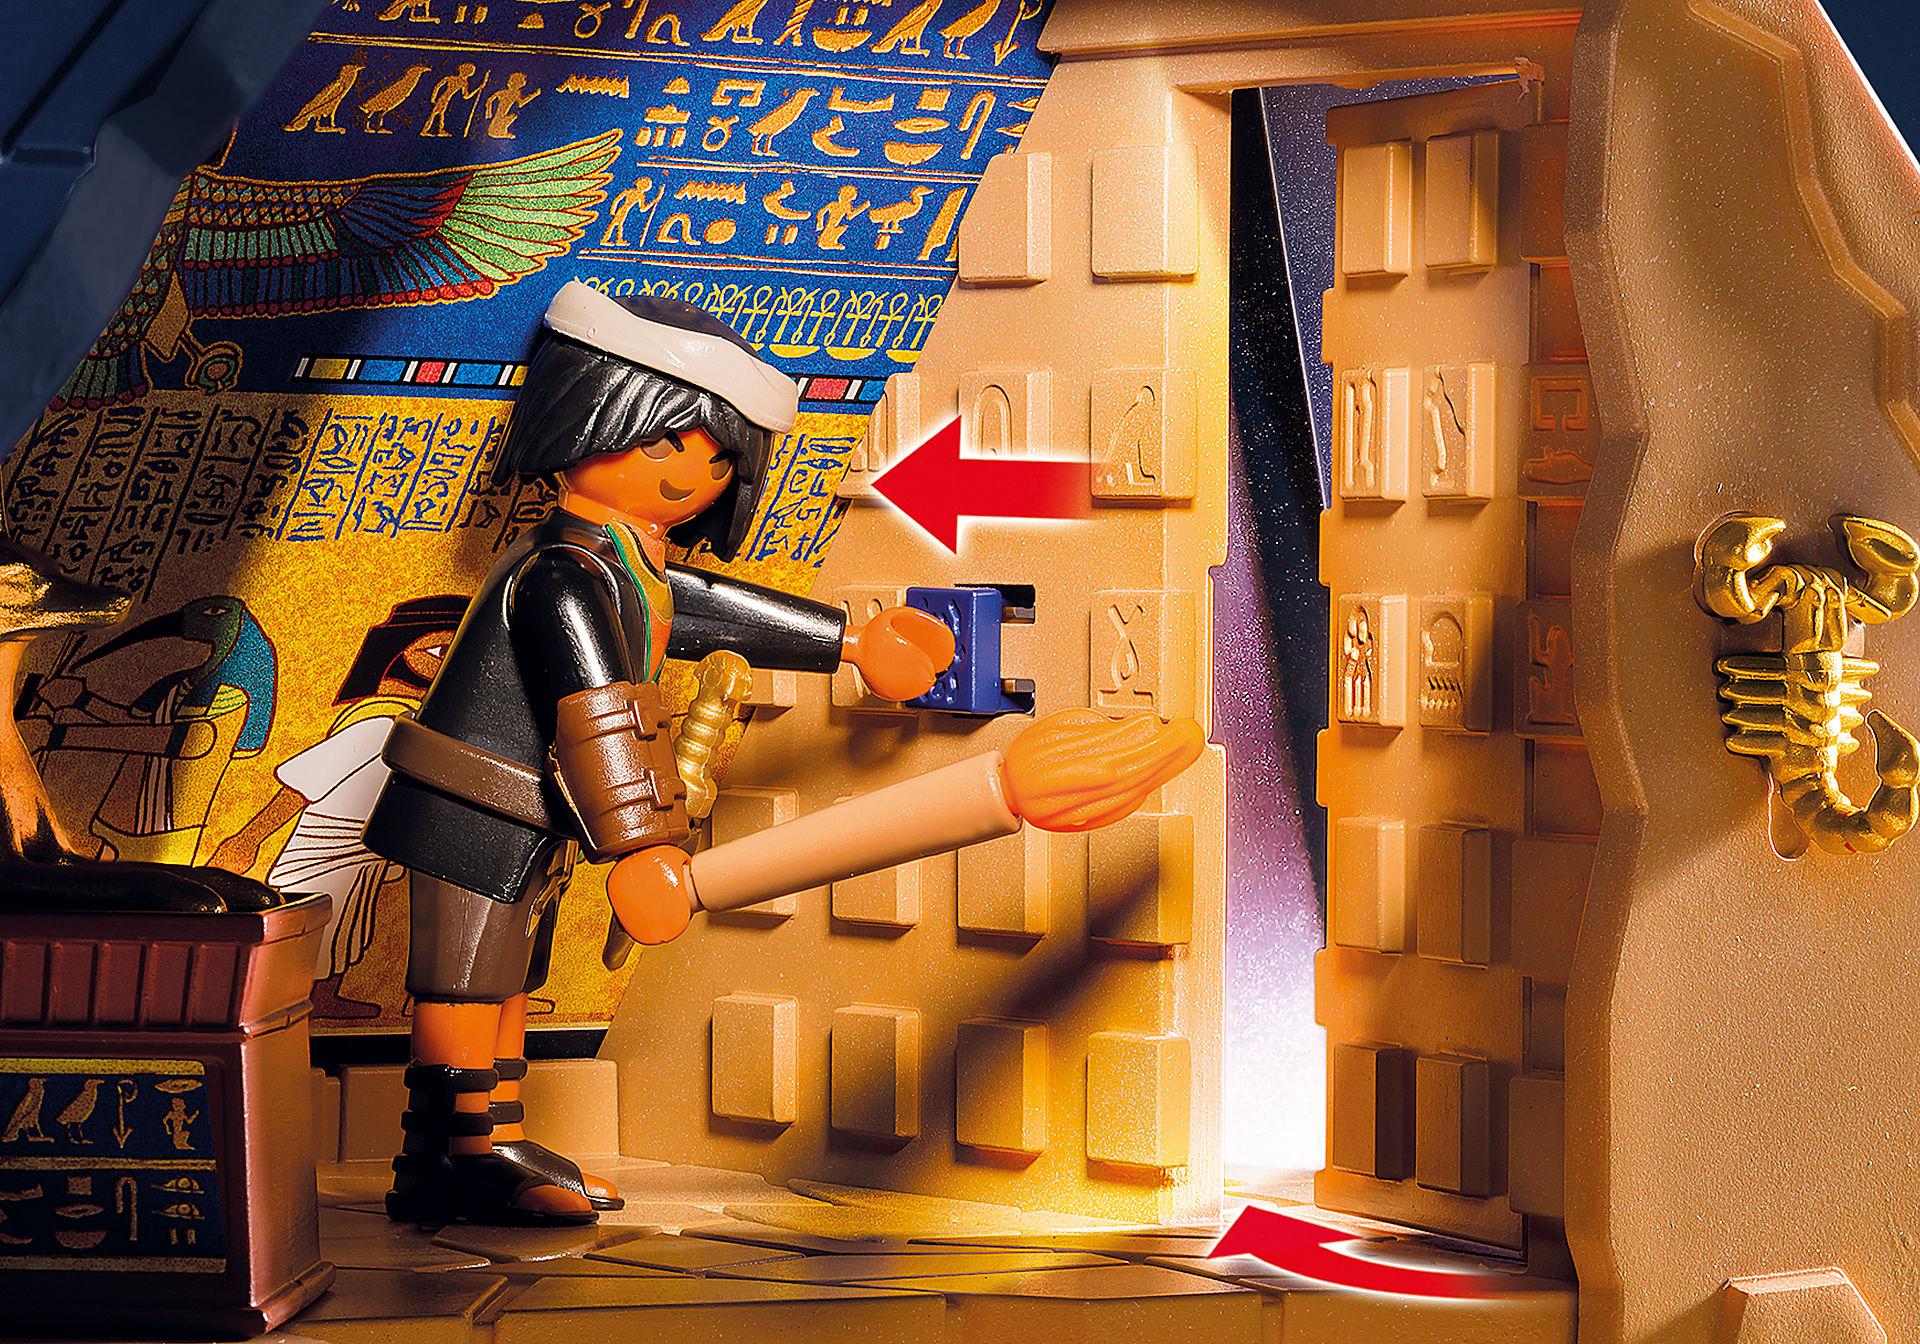 http://media.playmobil.com/i/playmobil/5386_product_extra3/Pharaoh's Pyramid